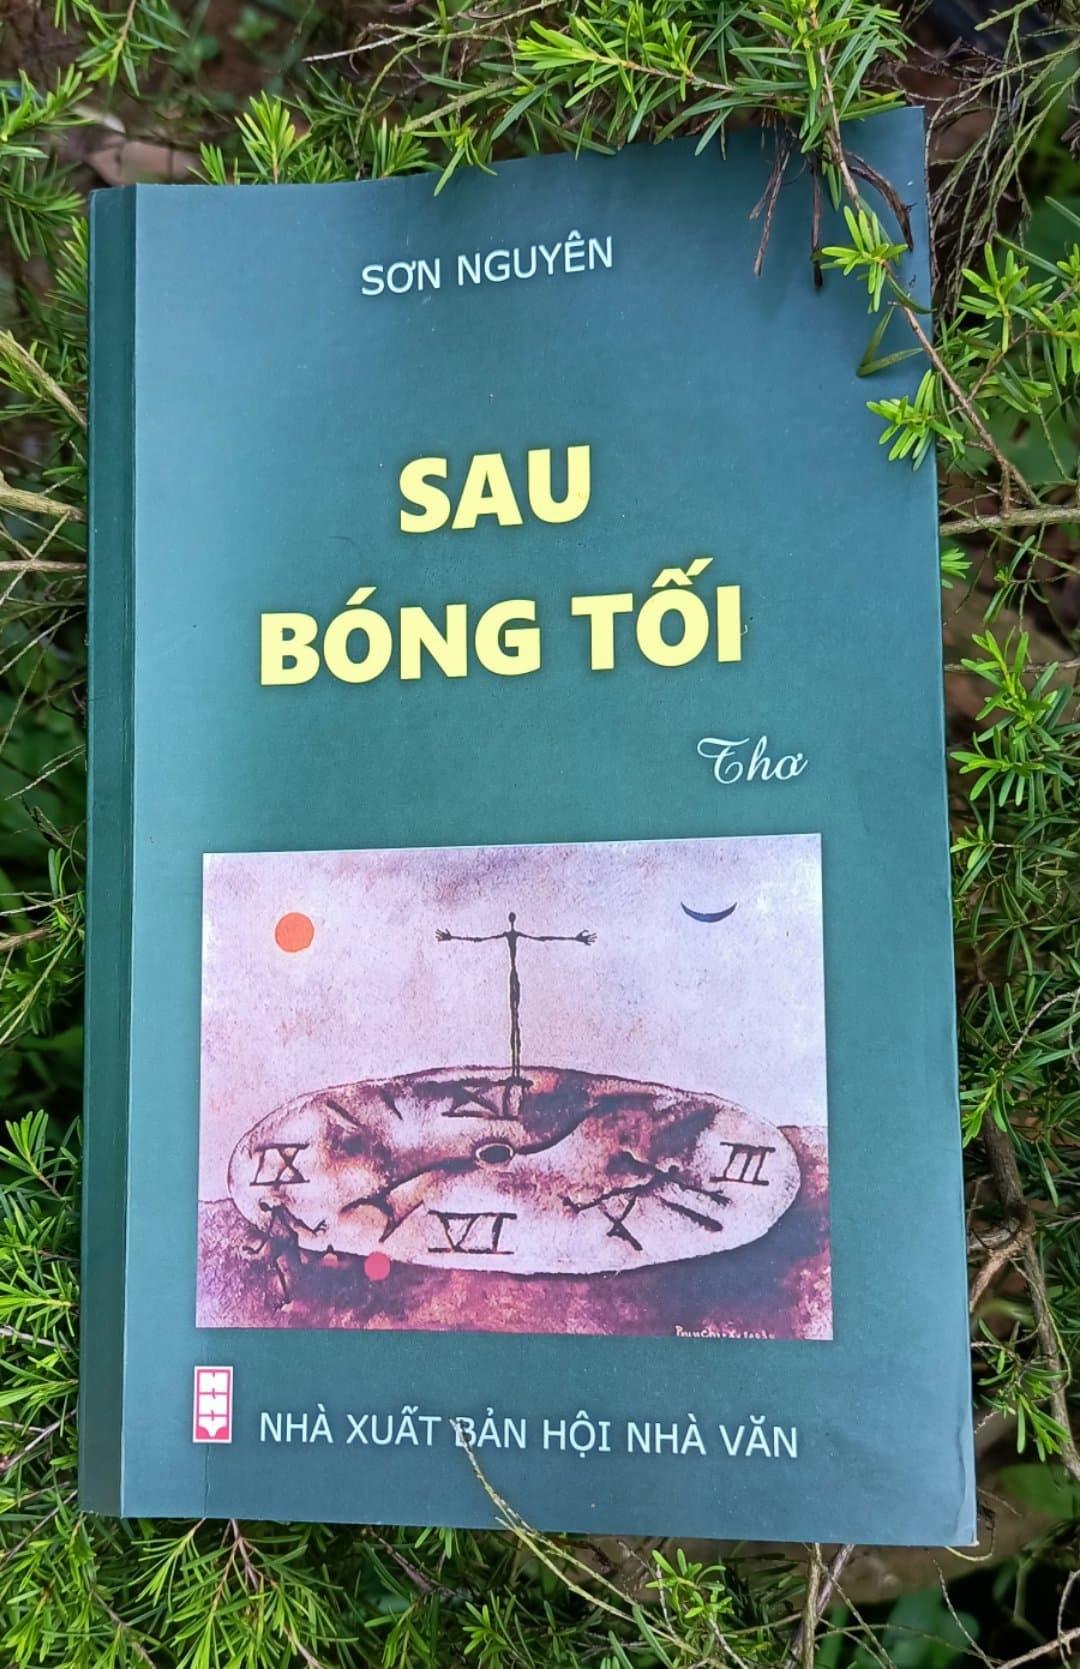 bia-tap-tho-sau-bong-toi-1623031852.jpg